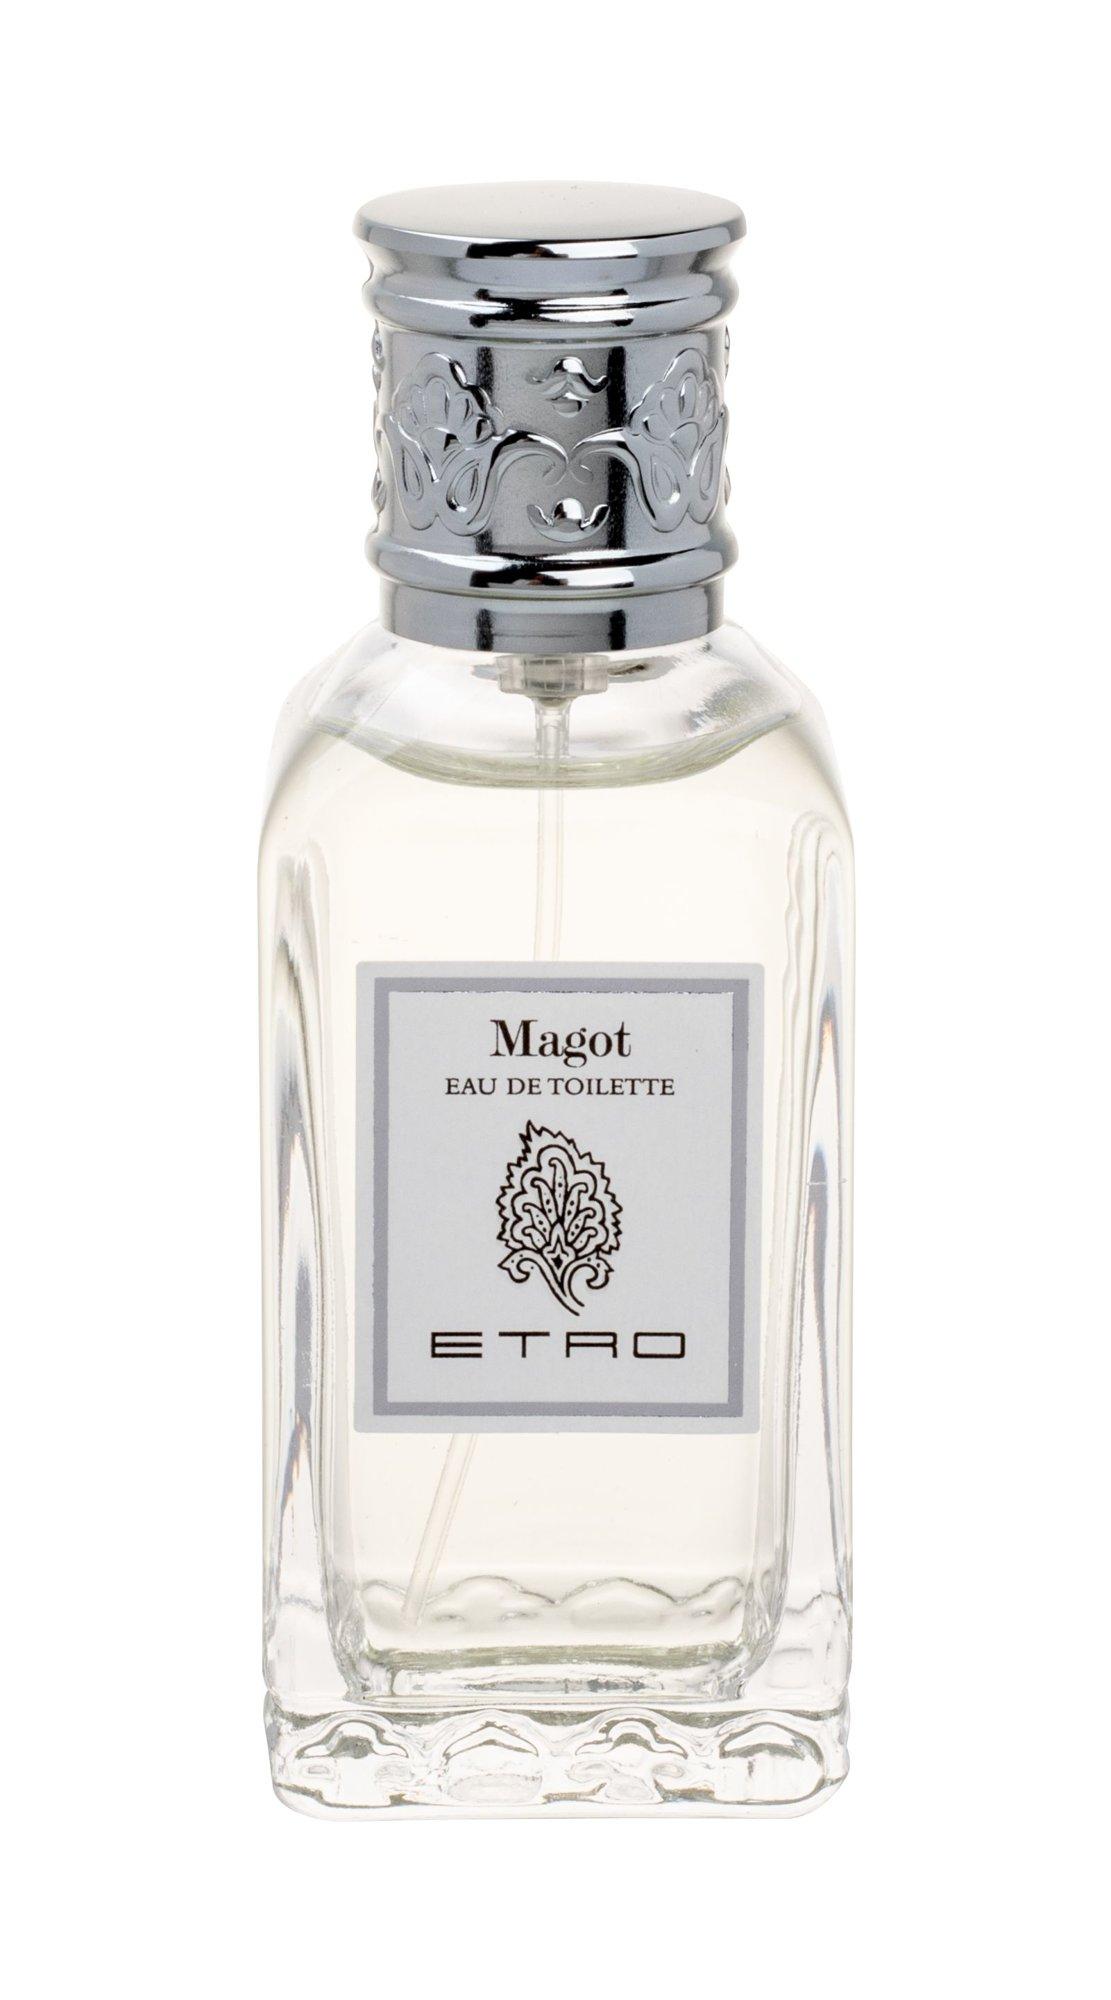 ETRO Magot EDT 50ml